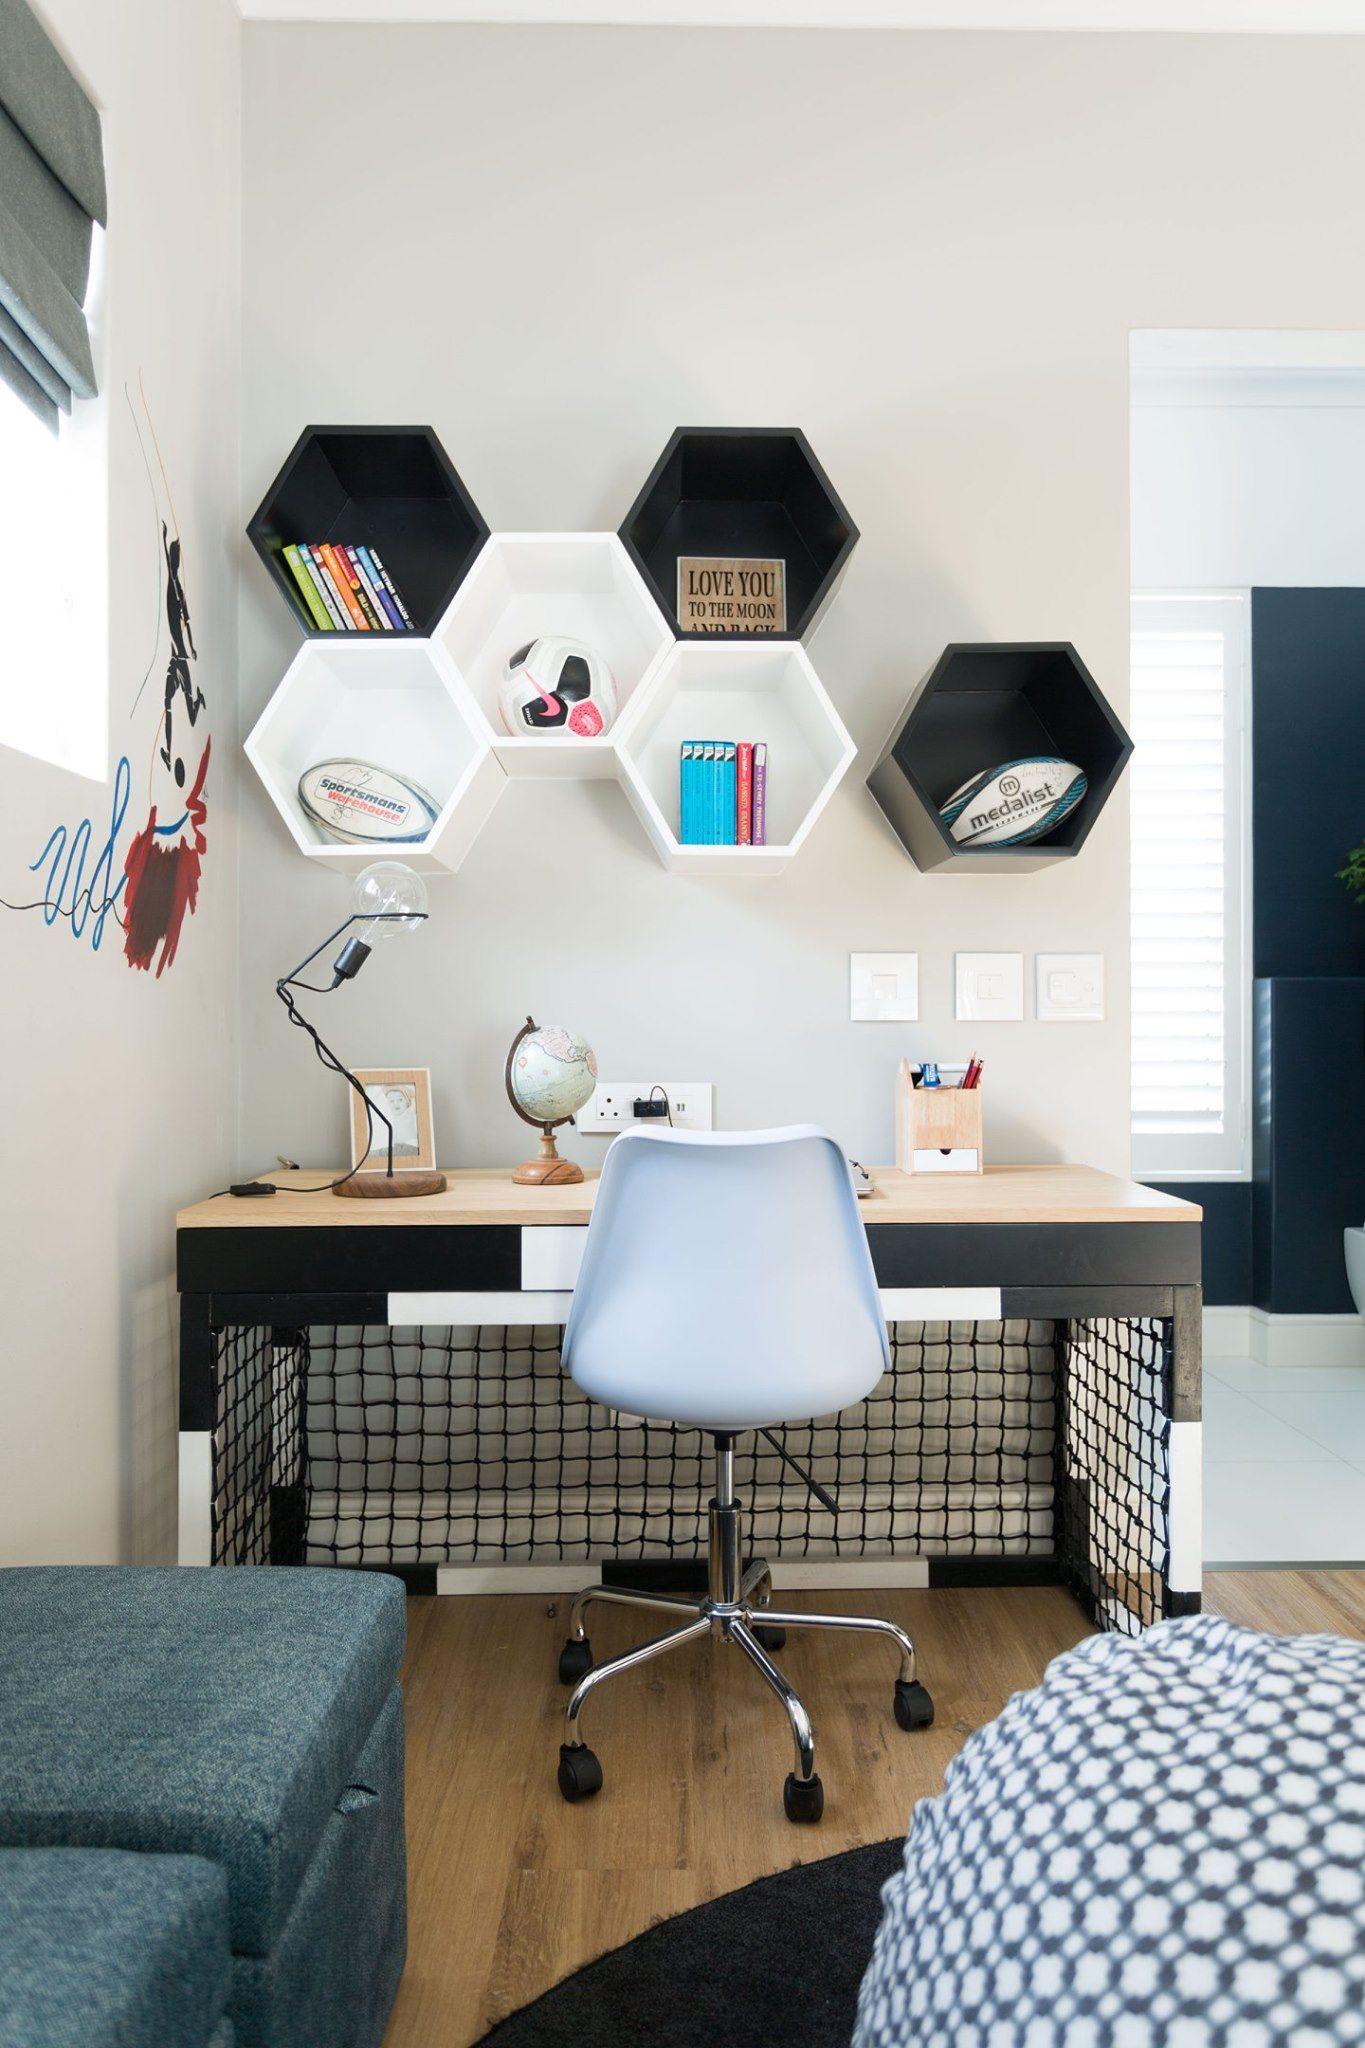 Kim Williams Design Boy Soccer Theme Desk In 2020 Soccer Themed Room Soccer Bedroom Decor Soccer Bedroom